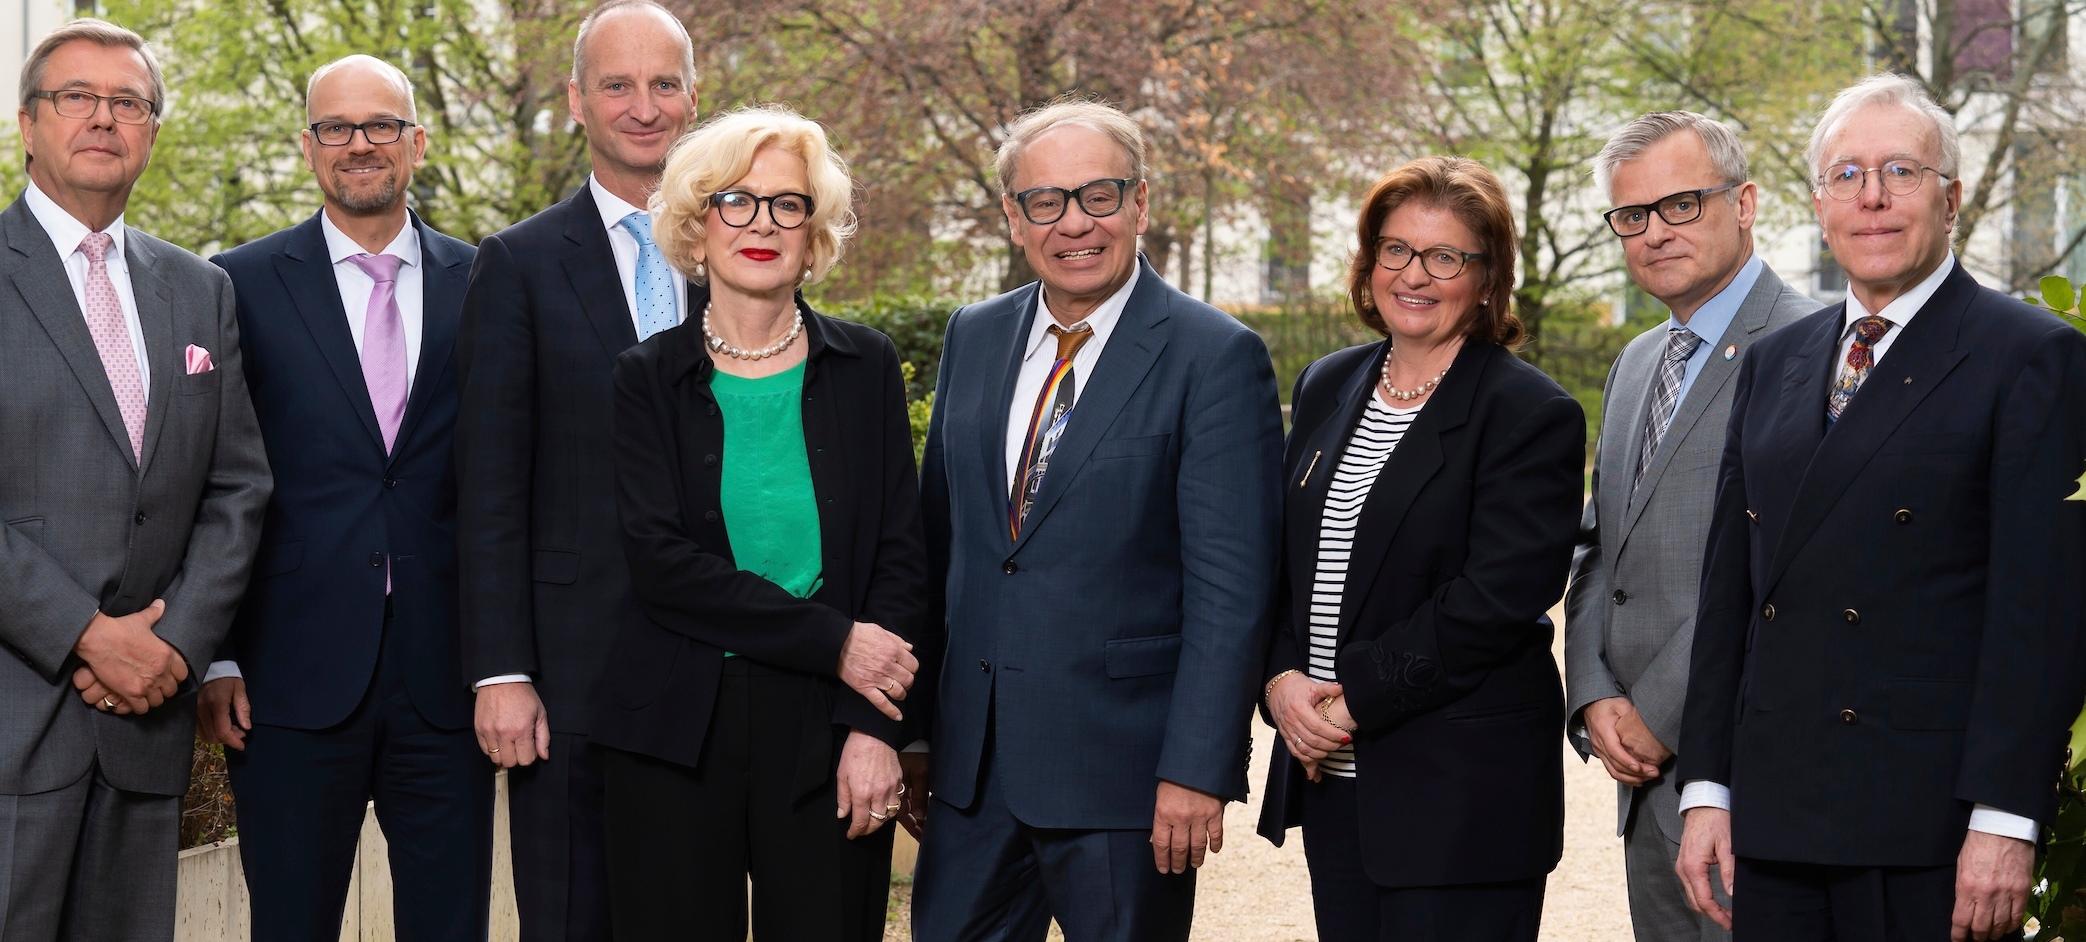 BfB Mitgliederversammlung 2019 am 11.04.2019 in Berlin. ( © Henning Schacht / berlinpressphoto.de )